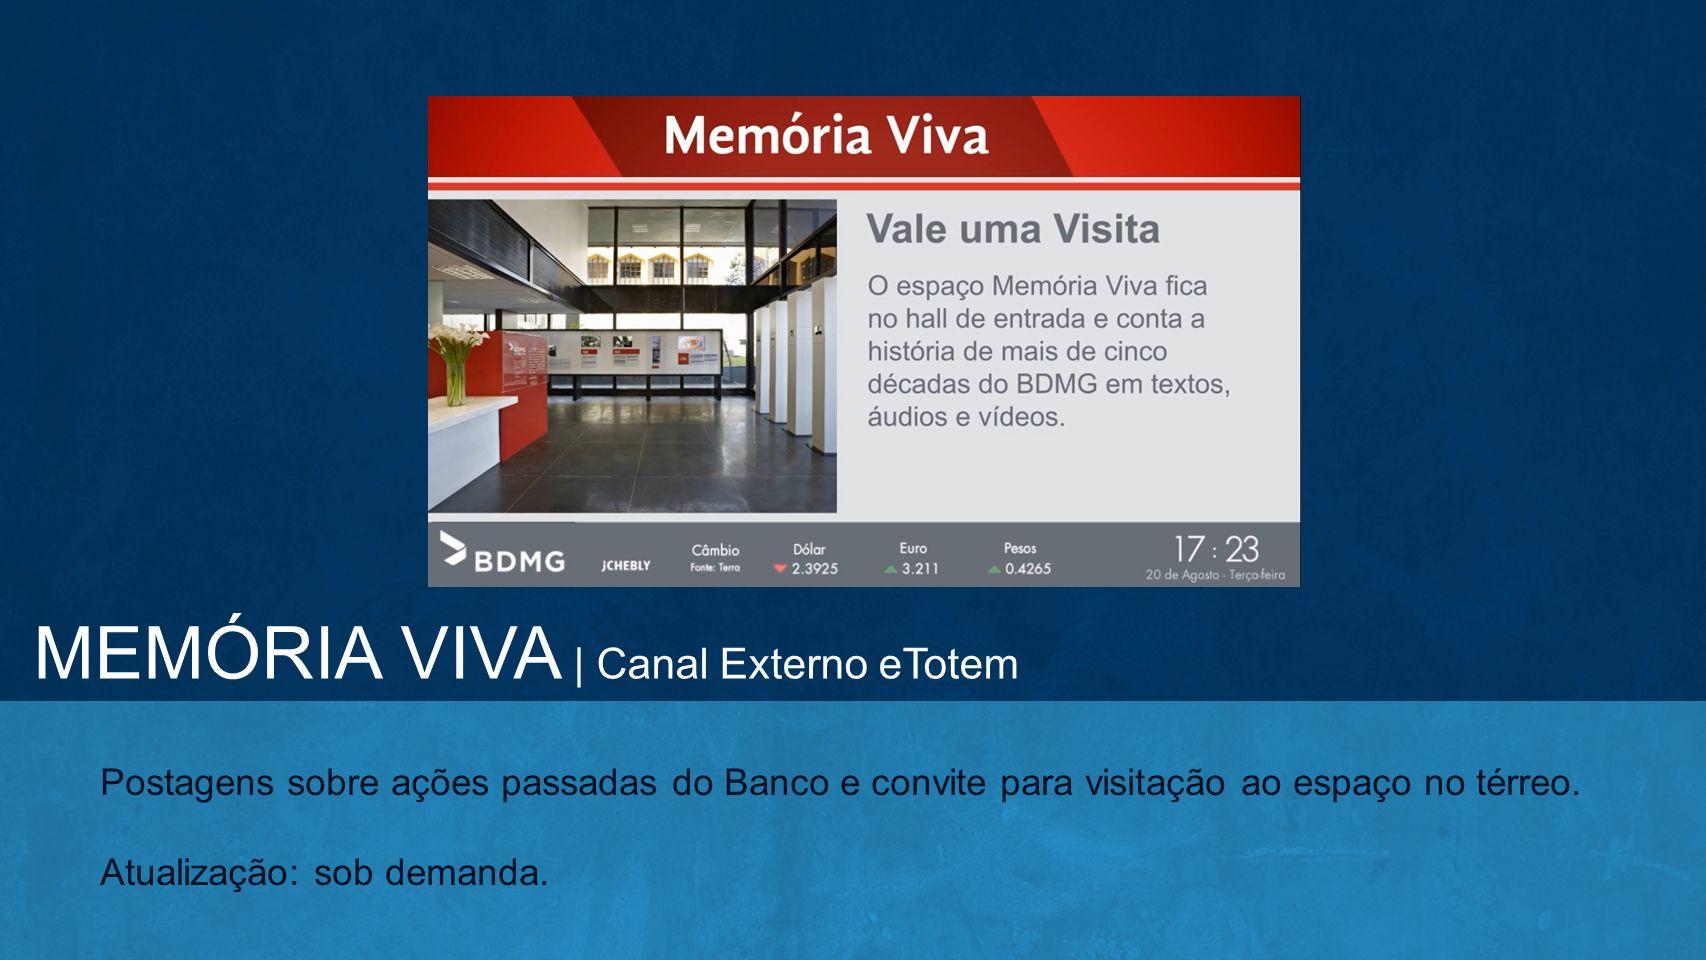 MEMÓRIA VIVA | Canal Externo eTotem